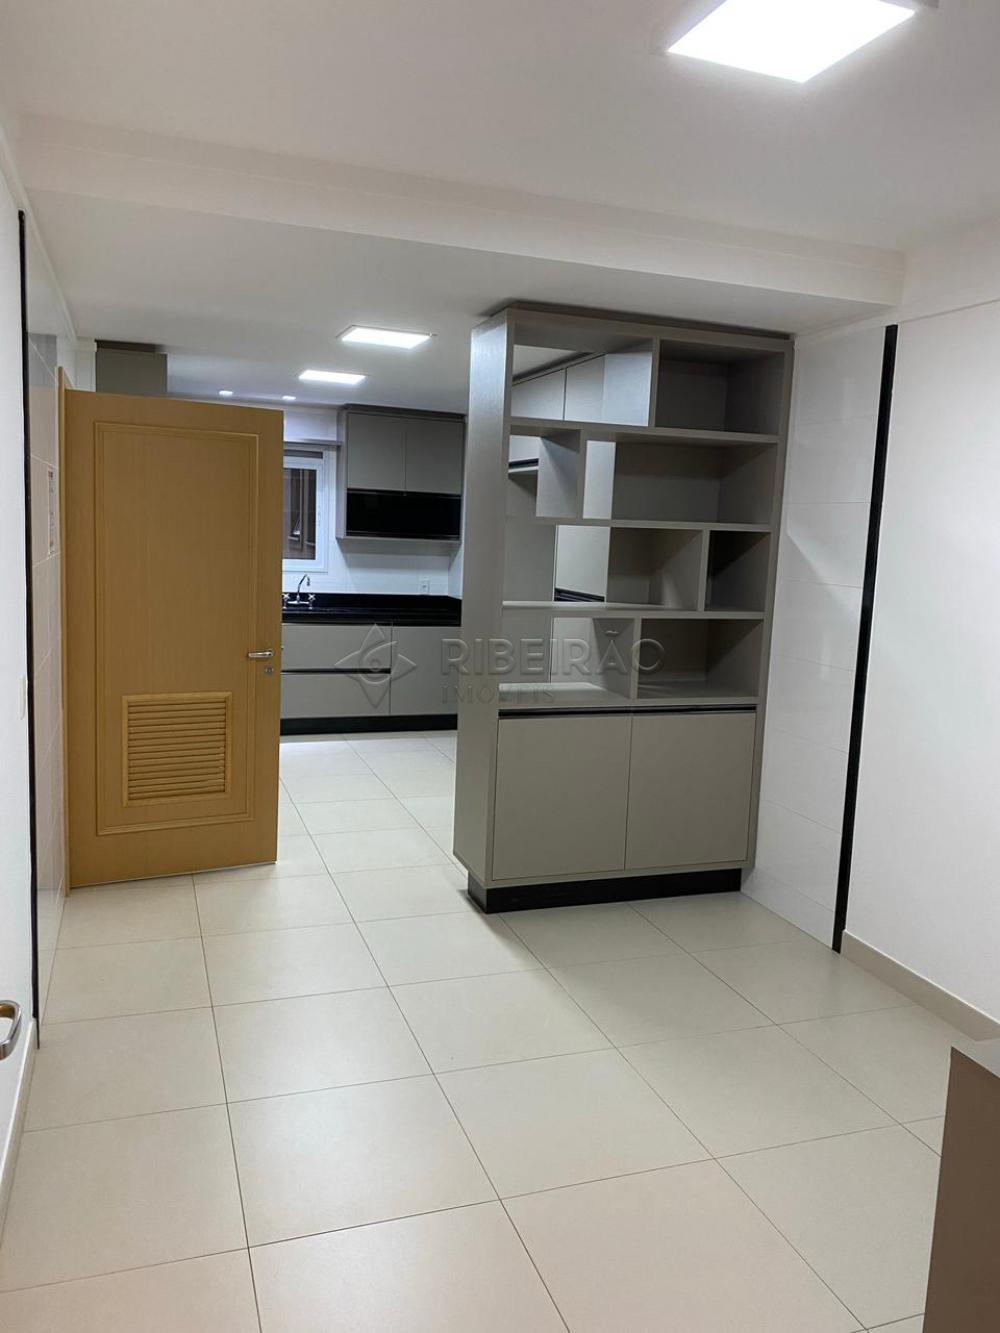 Alugar Apartamento / Padrão em Ribeirão Preto R$ 8.600,00 - Foto 5